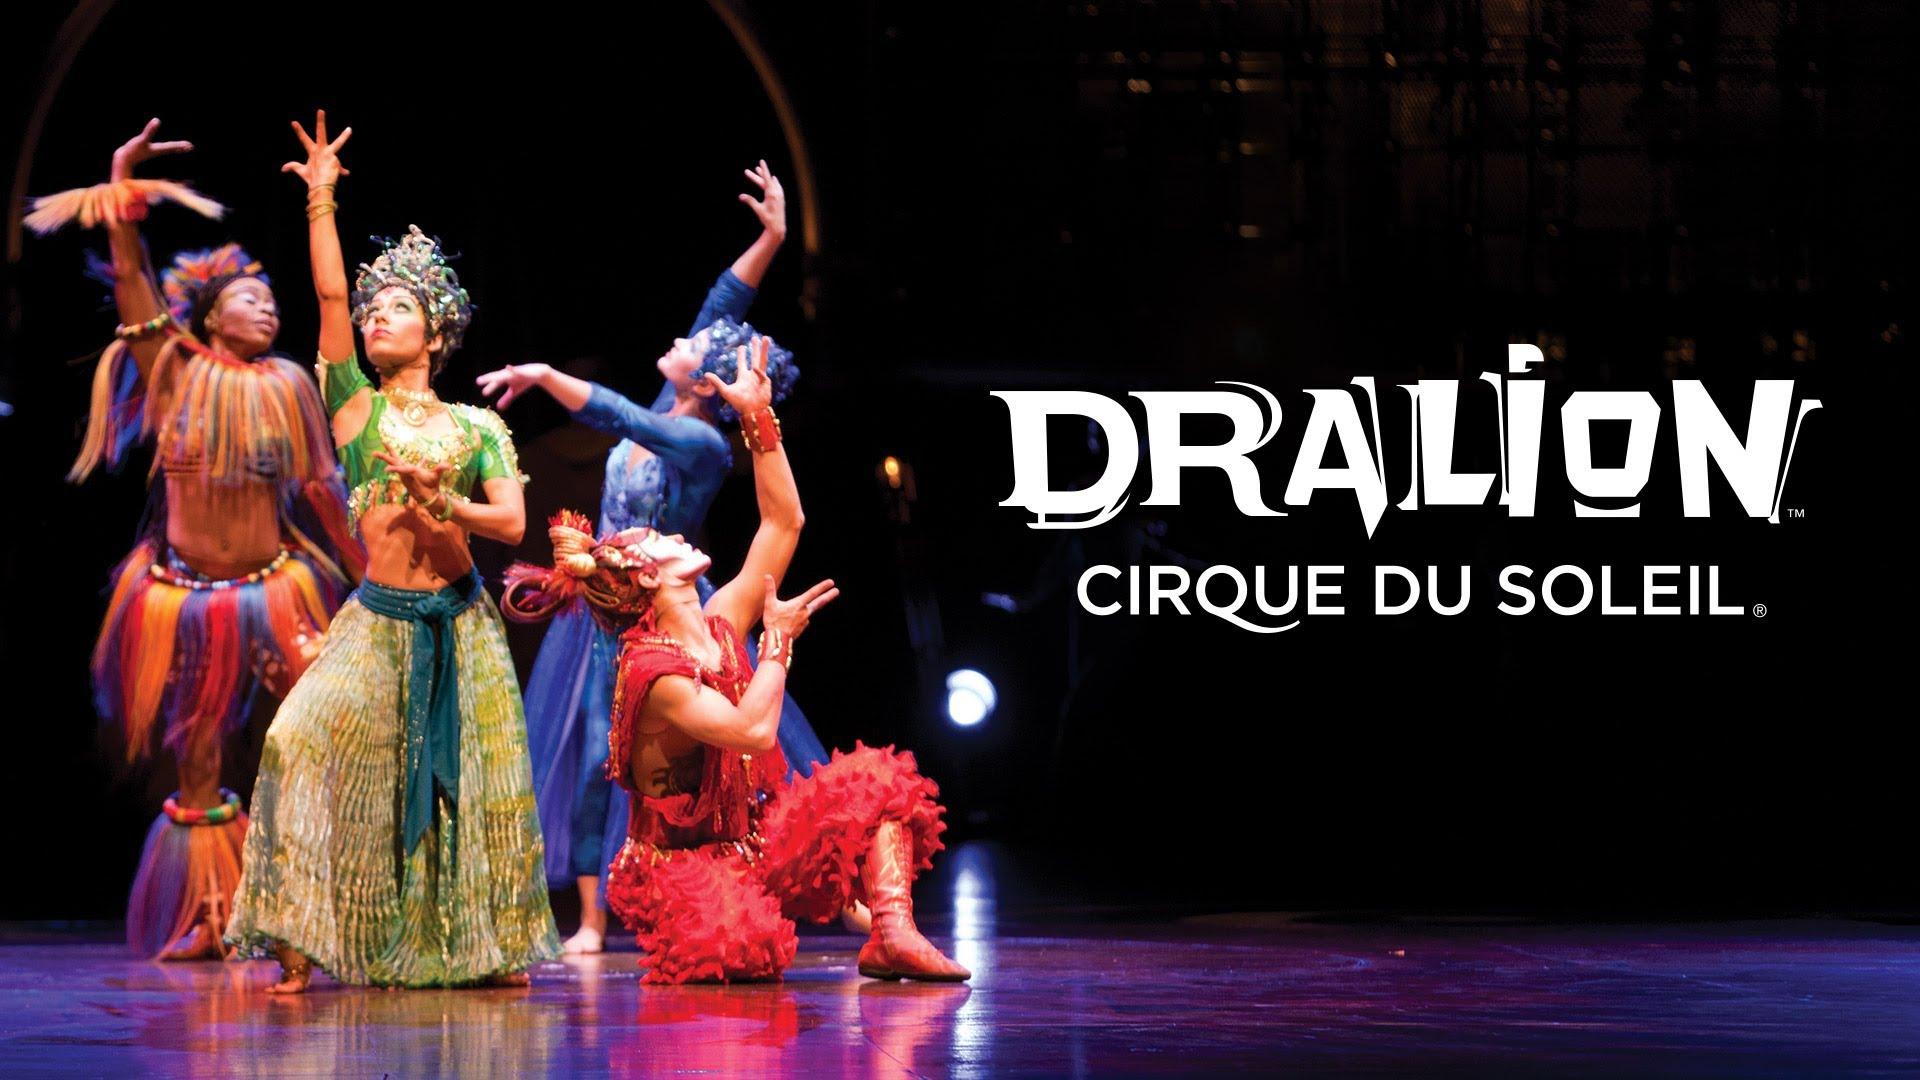 Dralion, Cirque du Soleil (national tour)